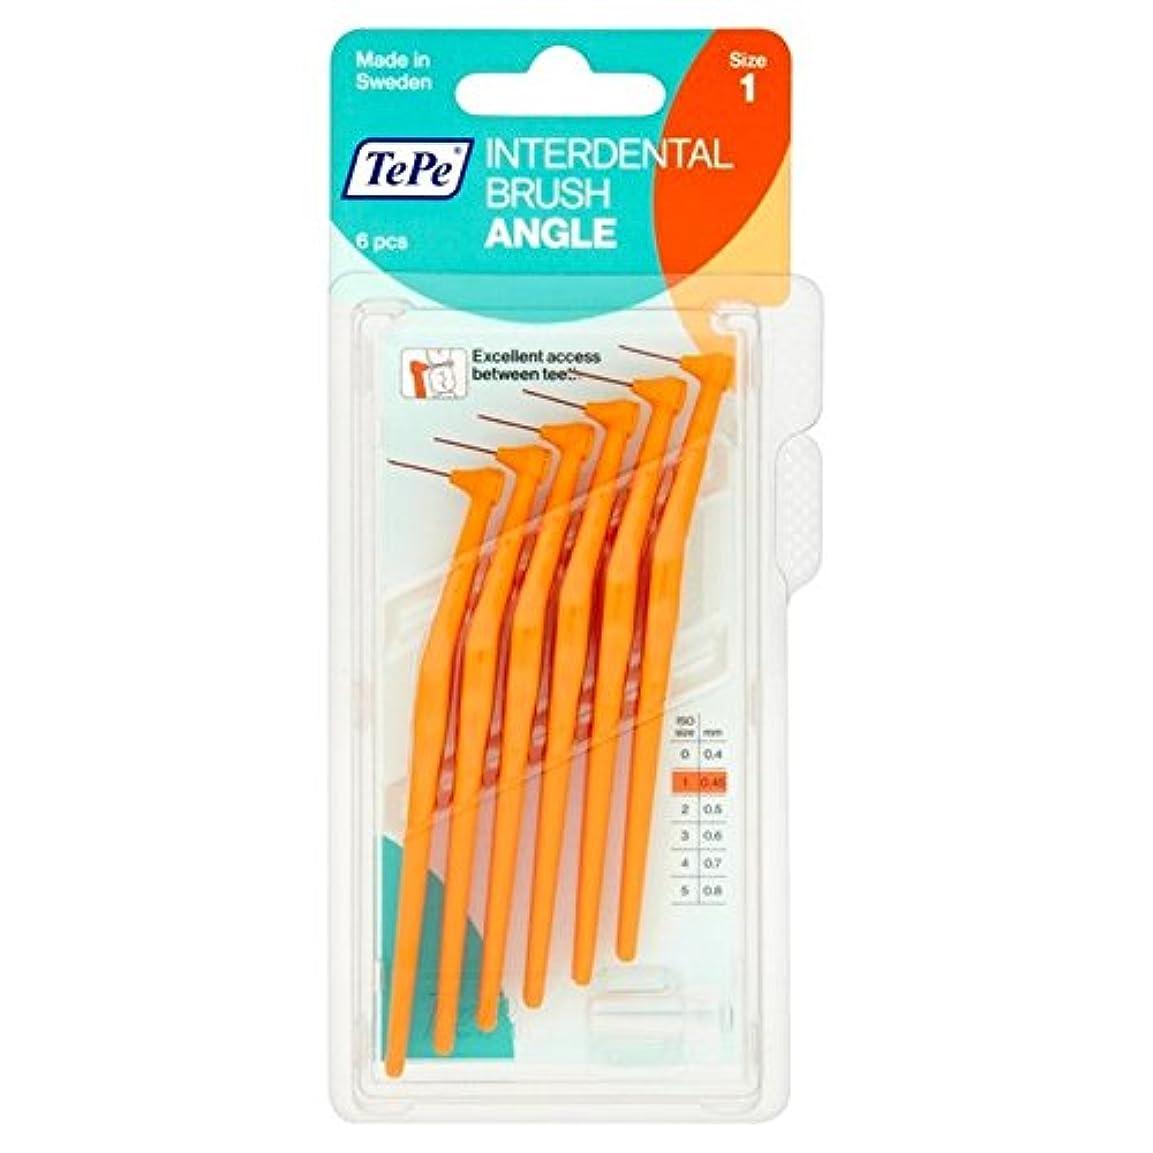 システム端末ランデブーテペ角パックあたりオレンジ0.45ミリメートル6 x2 - TePe Angle Orange 0.45mm 6 per pack (Pack of 2) [並行輸入品]